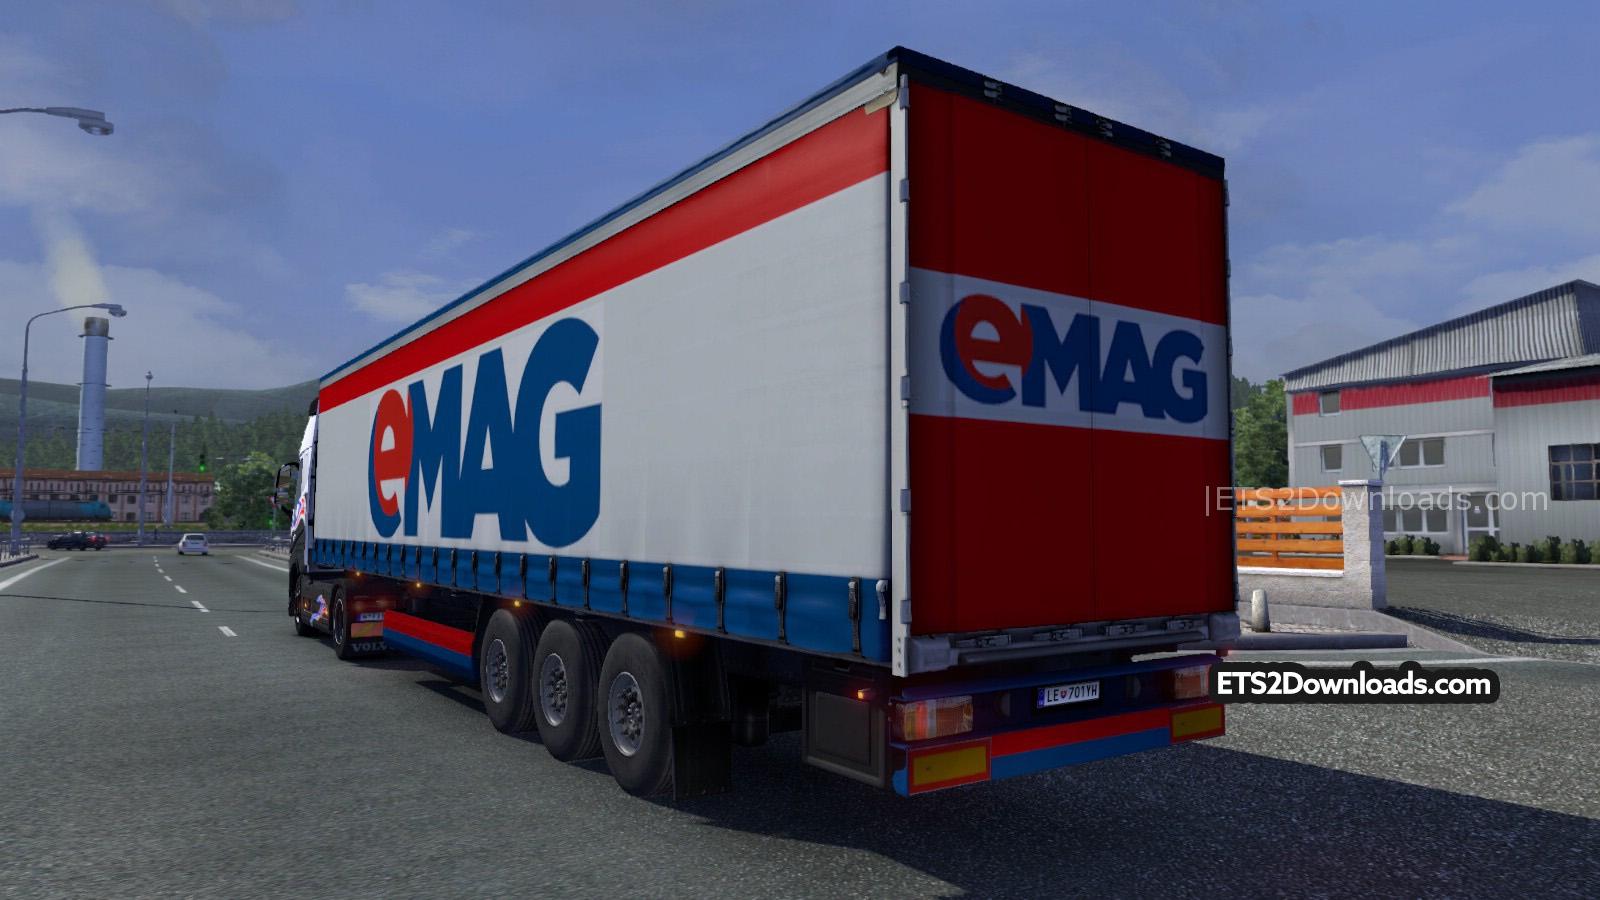 emag-trailer-2